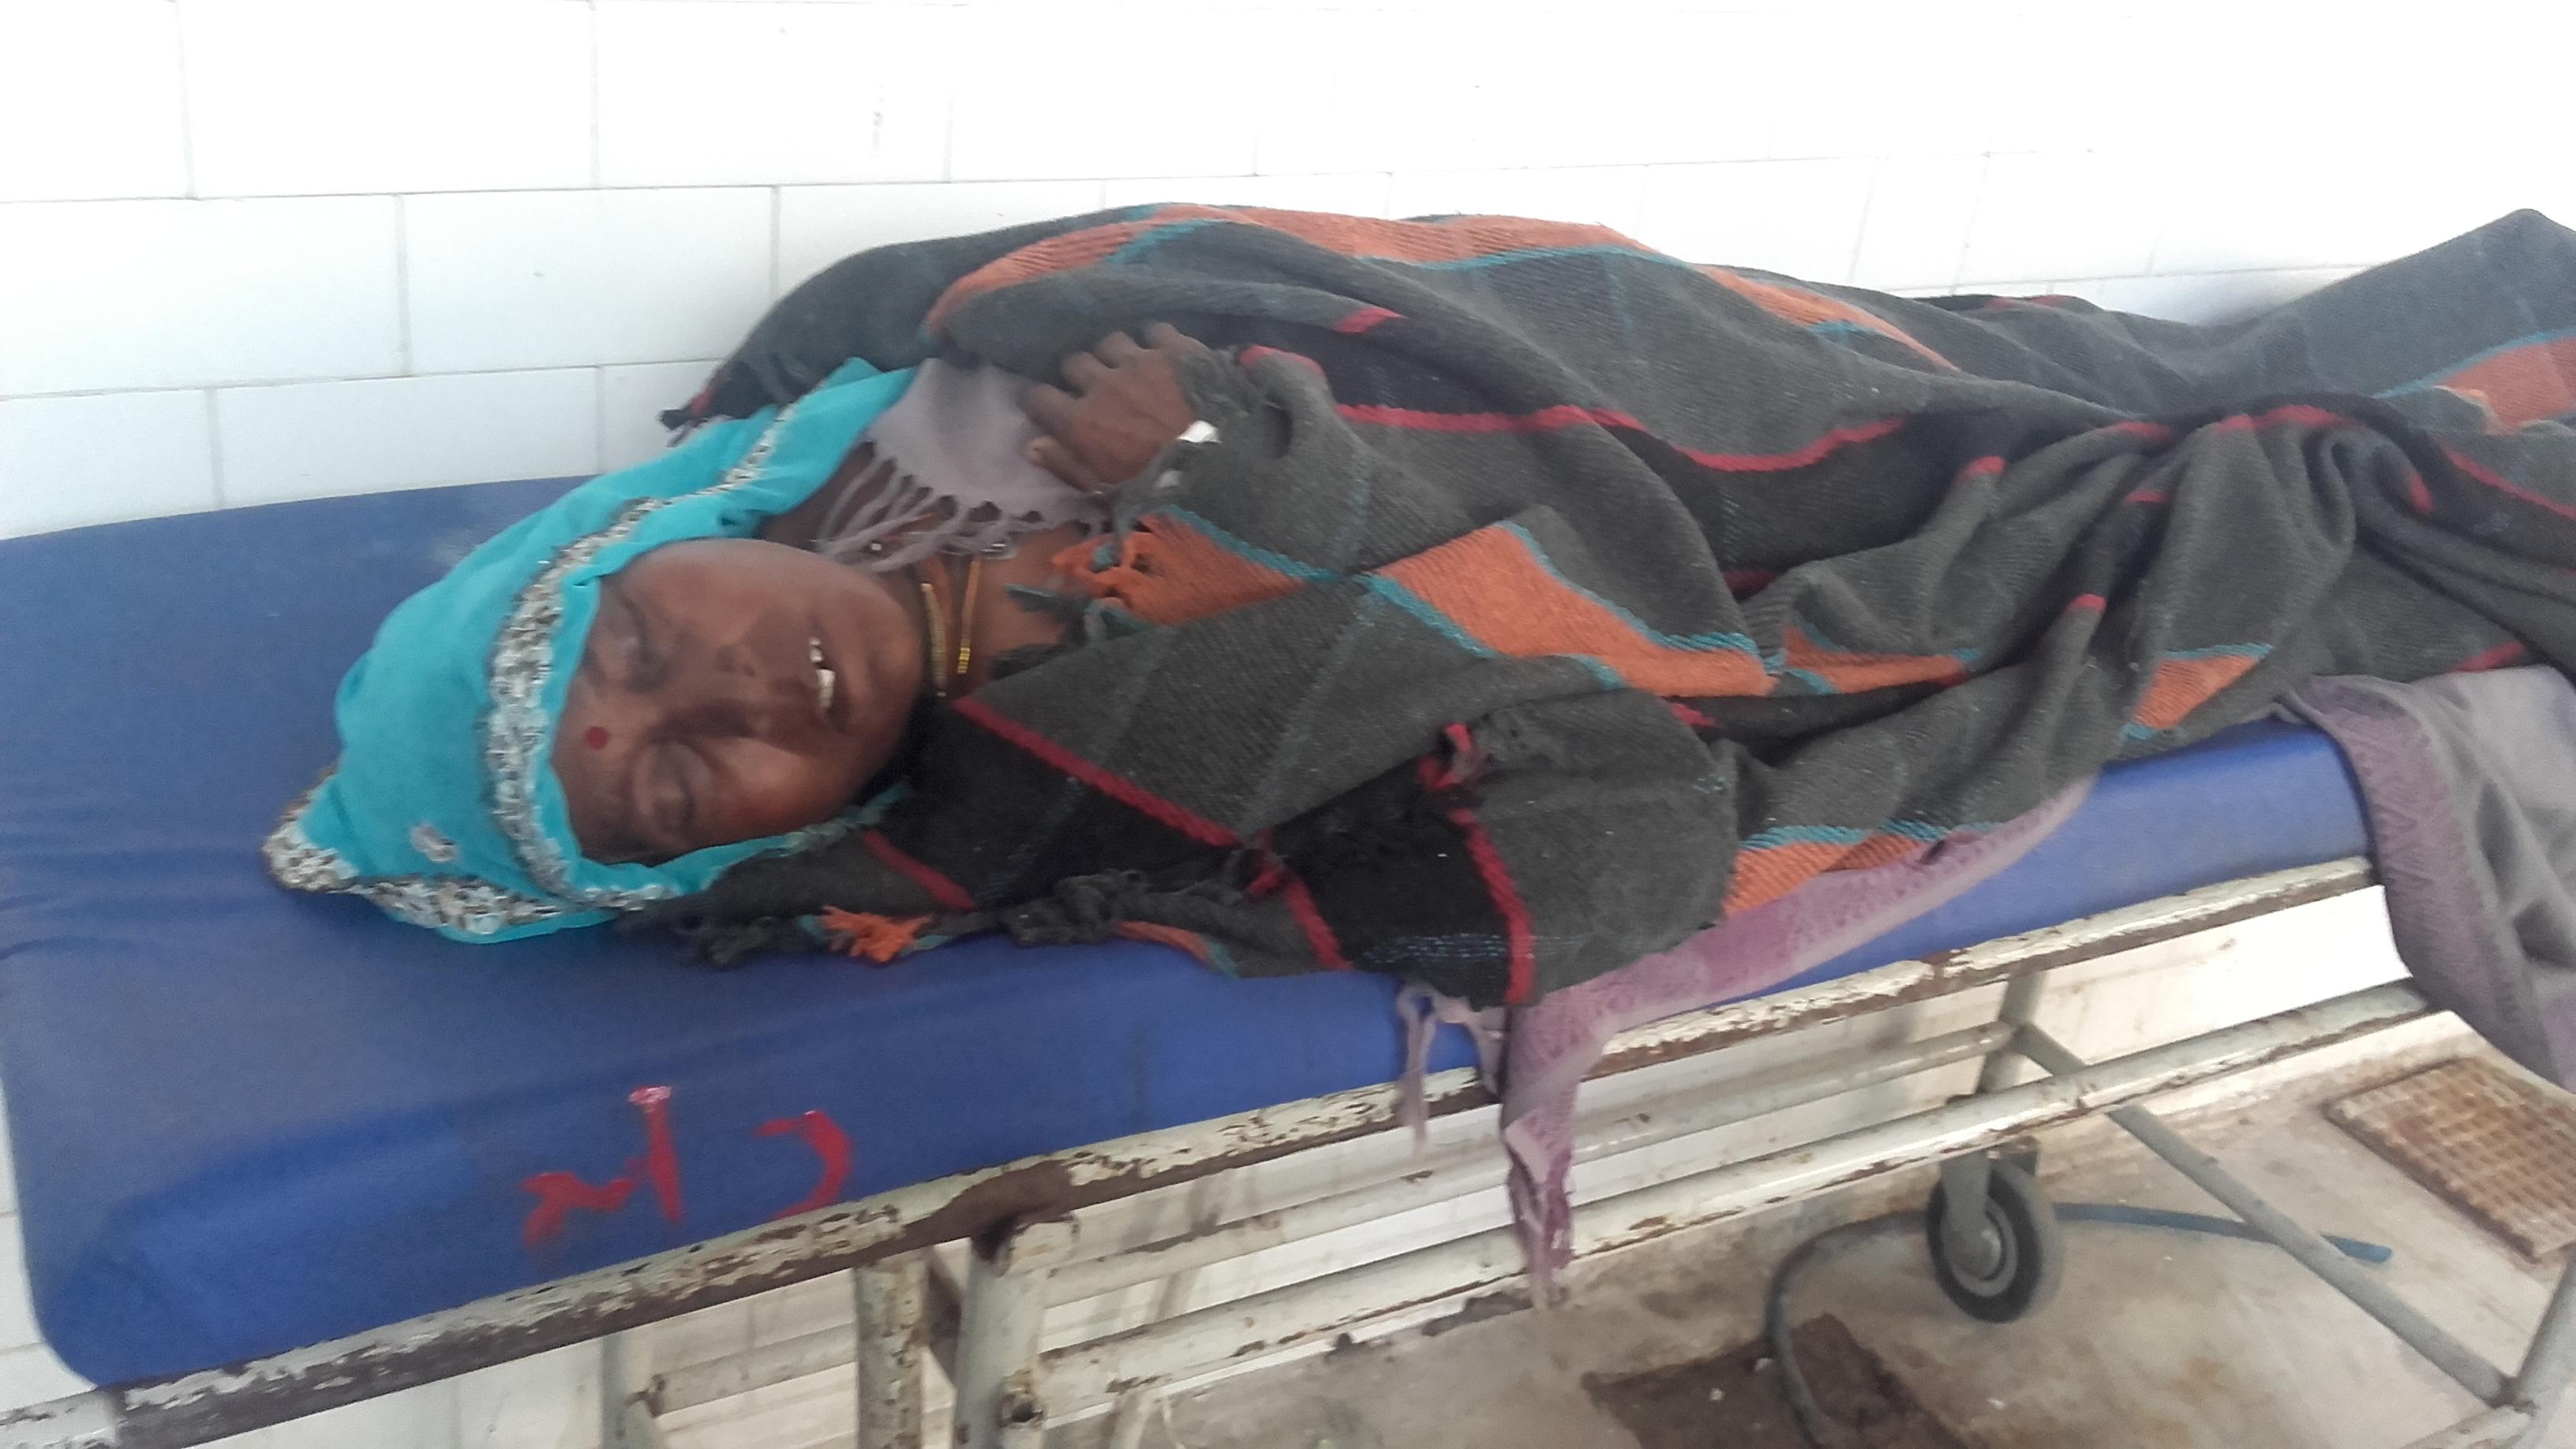 भटकते रहे परिजन : लकवा पीडि़त लेटी रही डेढ़ घंटे स्ट्रेचर पर, लेकिन नहीं किया अस्पताल में उसका एक्स-रे